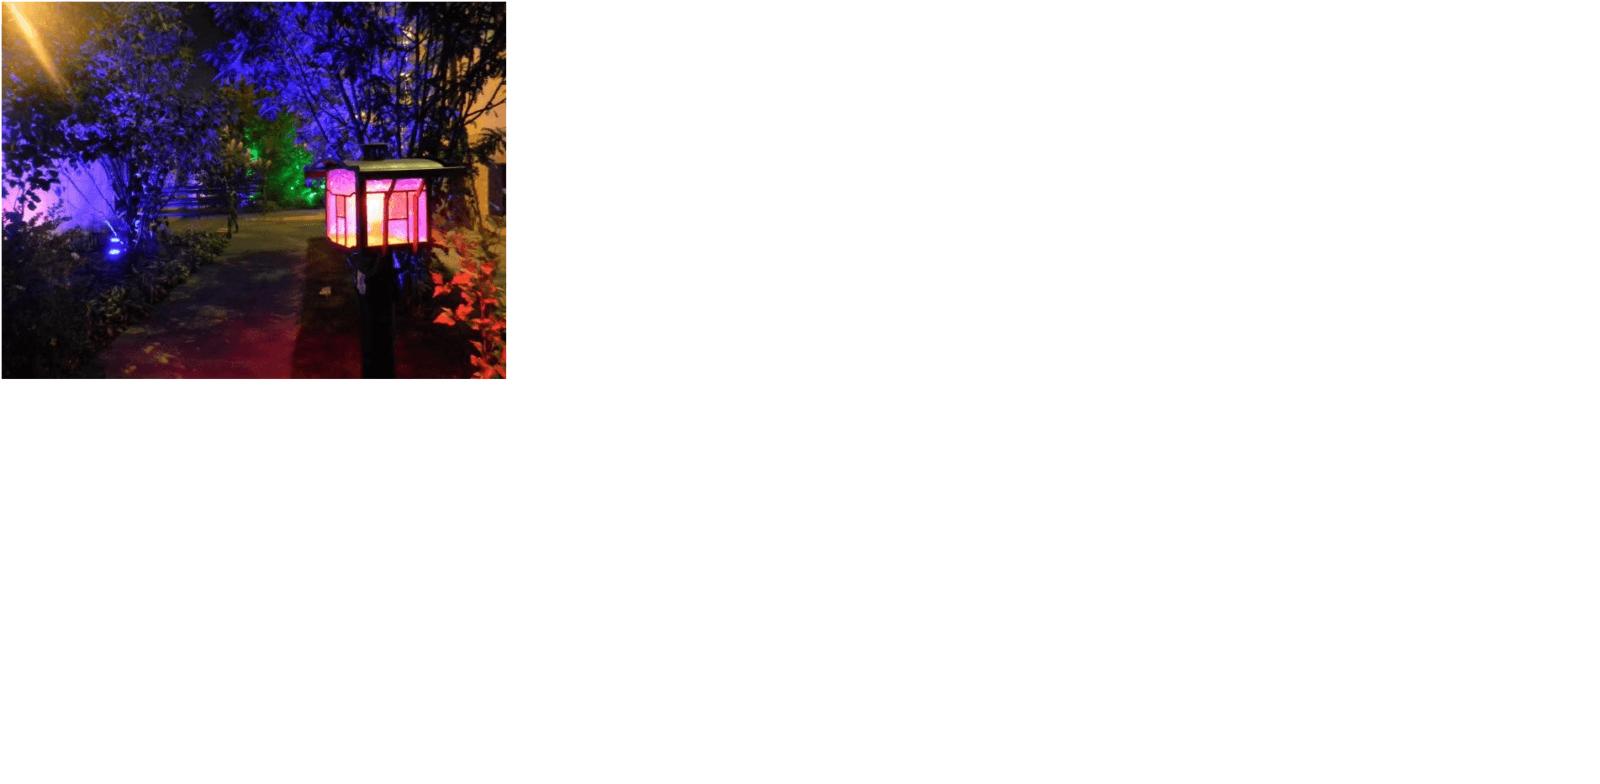 Освещение придомовой территории уличным светодиодным прожектором со встроенным датчиком движения